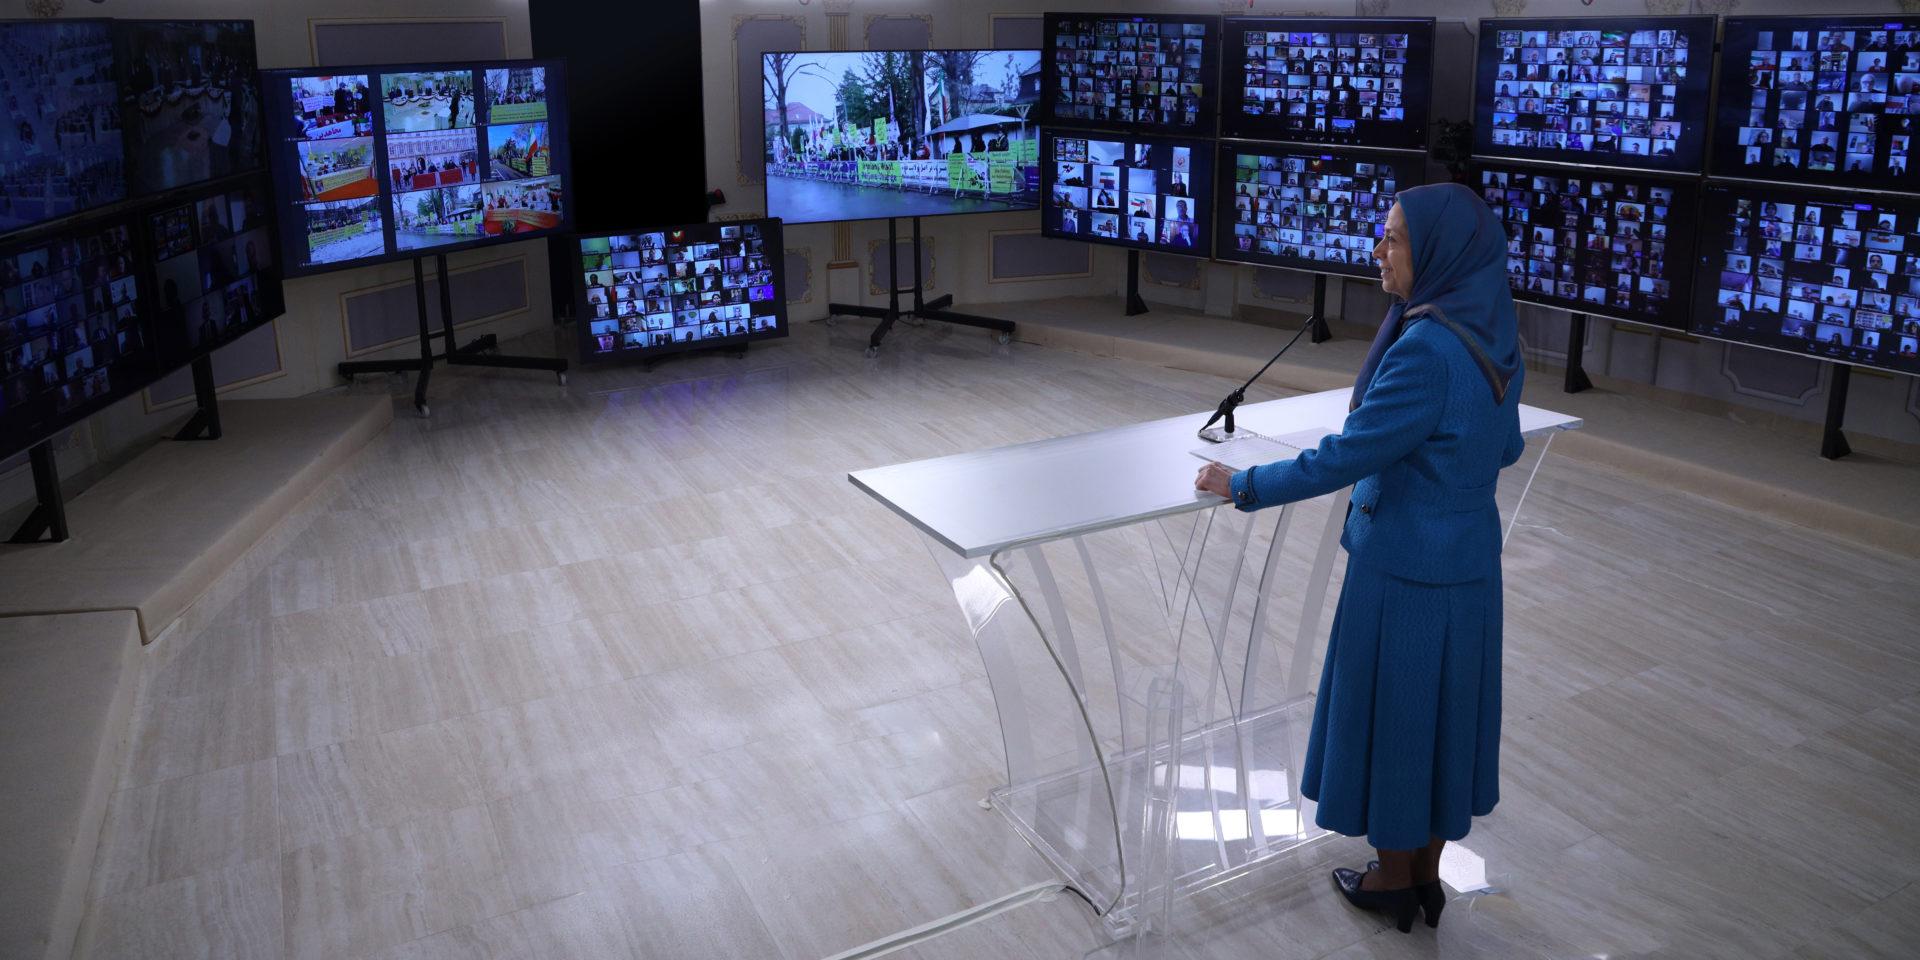 مریم رجوی در کنفرانس جهانی همزمان با محکومیت دیپلمات تروریست رژیم آخوندی در یک دادگاه اروپایی - ۱۶بهمن ۱۳۹۹